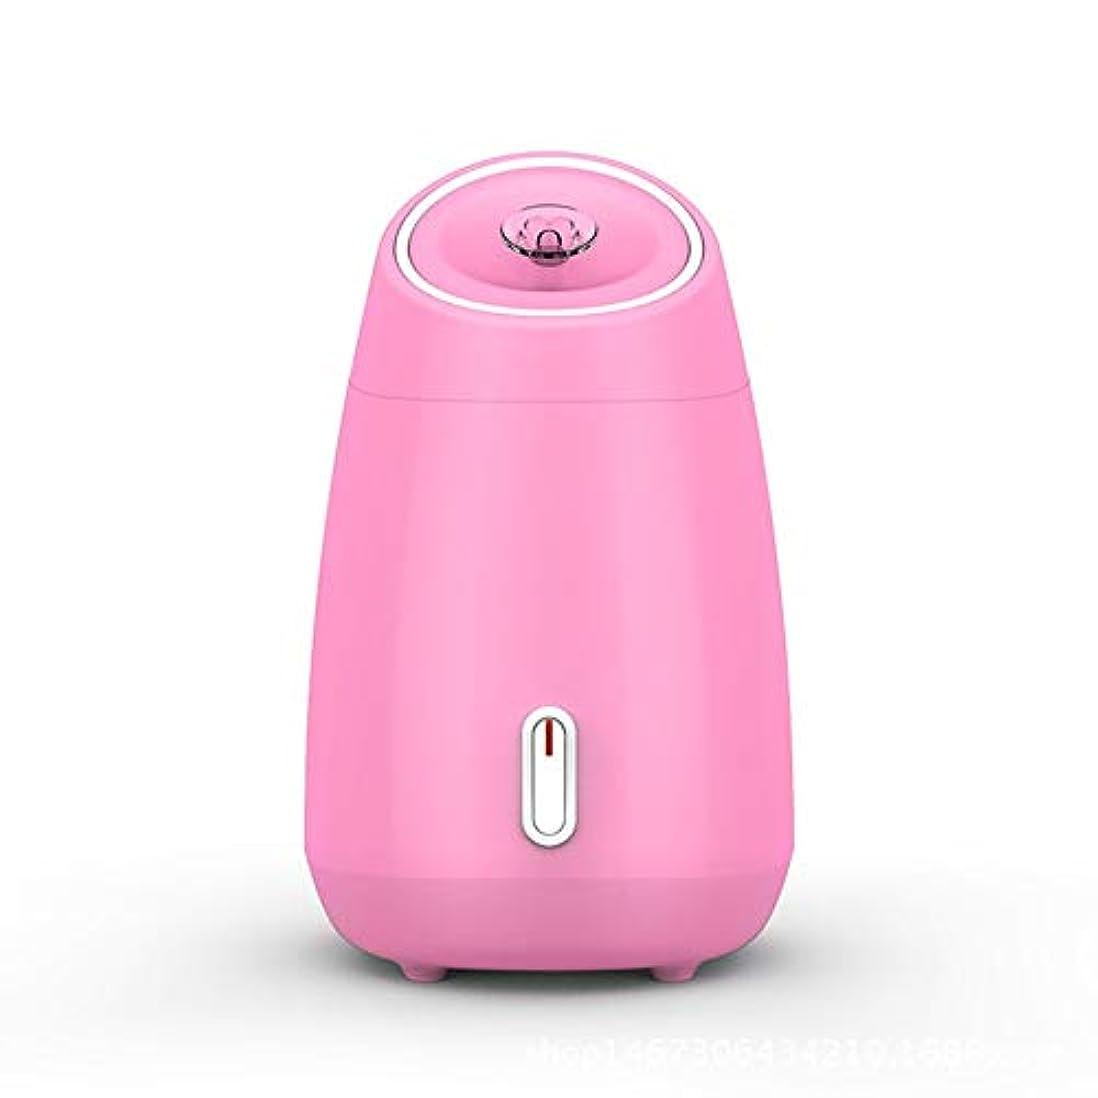 いうネックレス強制ZXF 加湿美容機器フルーツと野菜の蒸し顔ホットスプレーホーム美容機器2ピンクモデルホワイトを白くするナノスプレー水道メーター顔 滑らかである (色 : Pink)